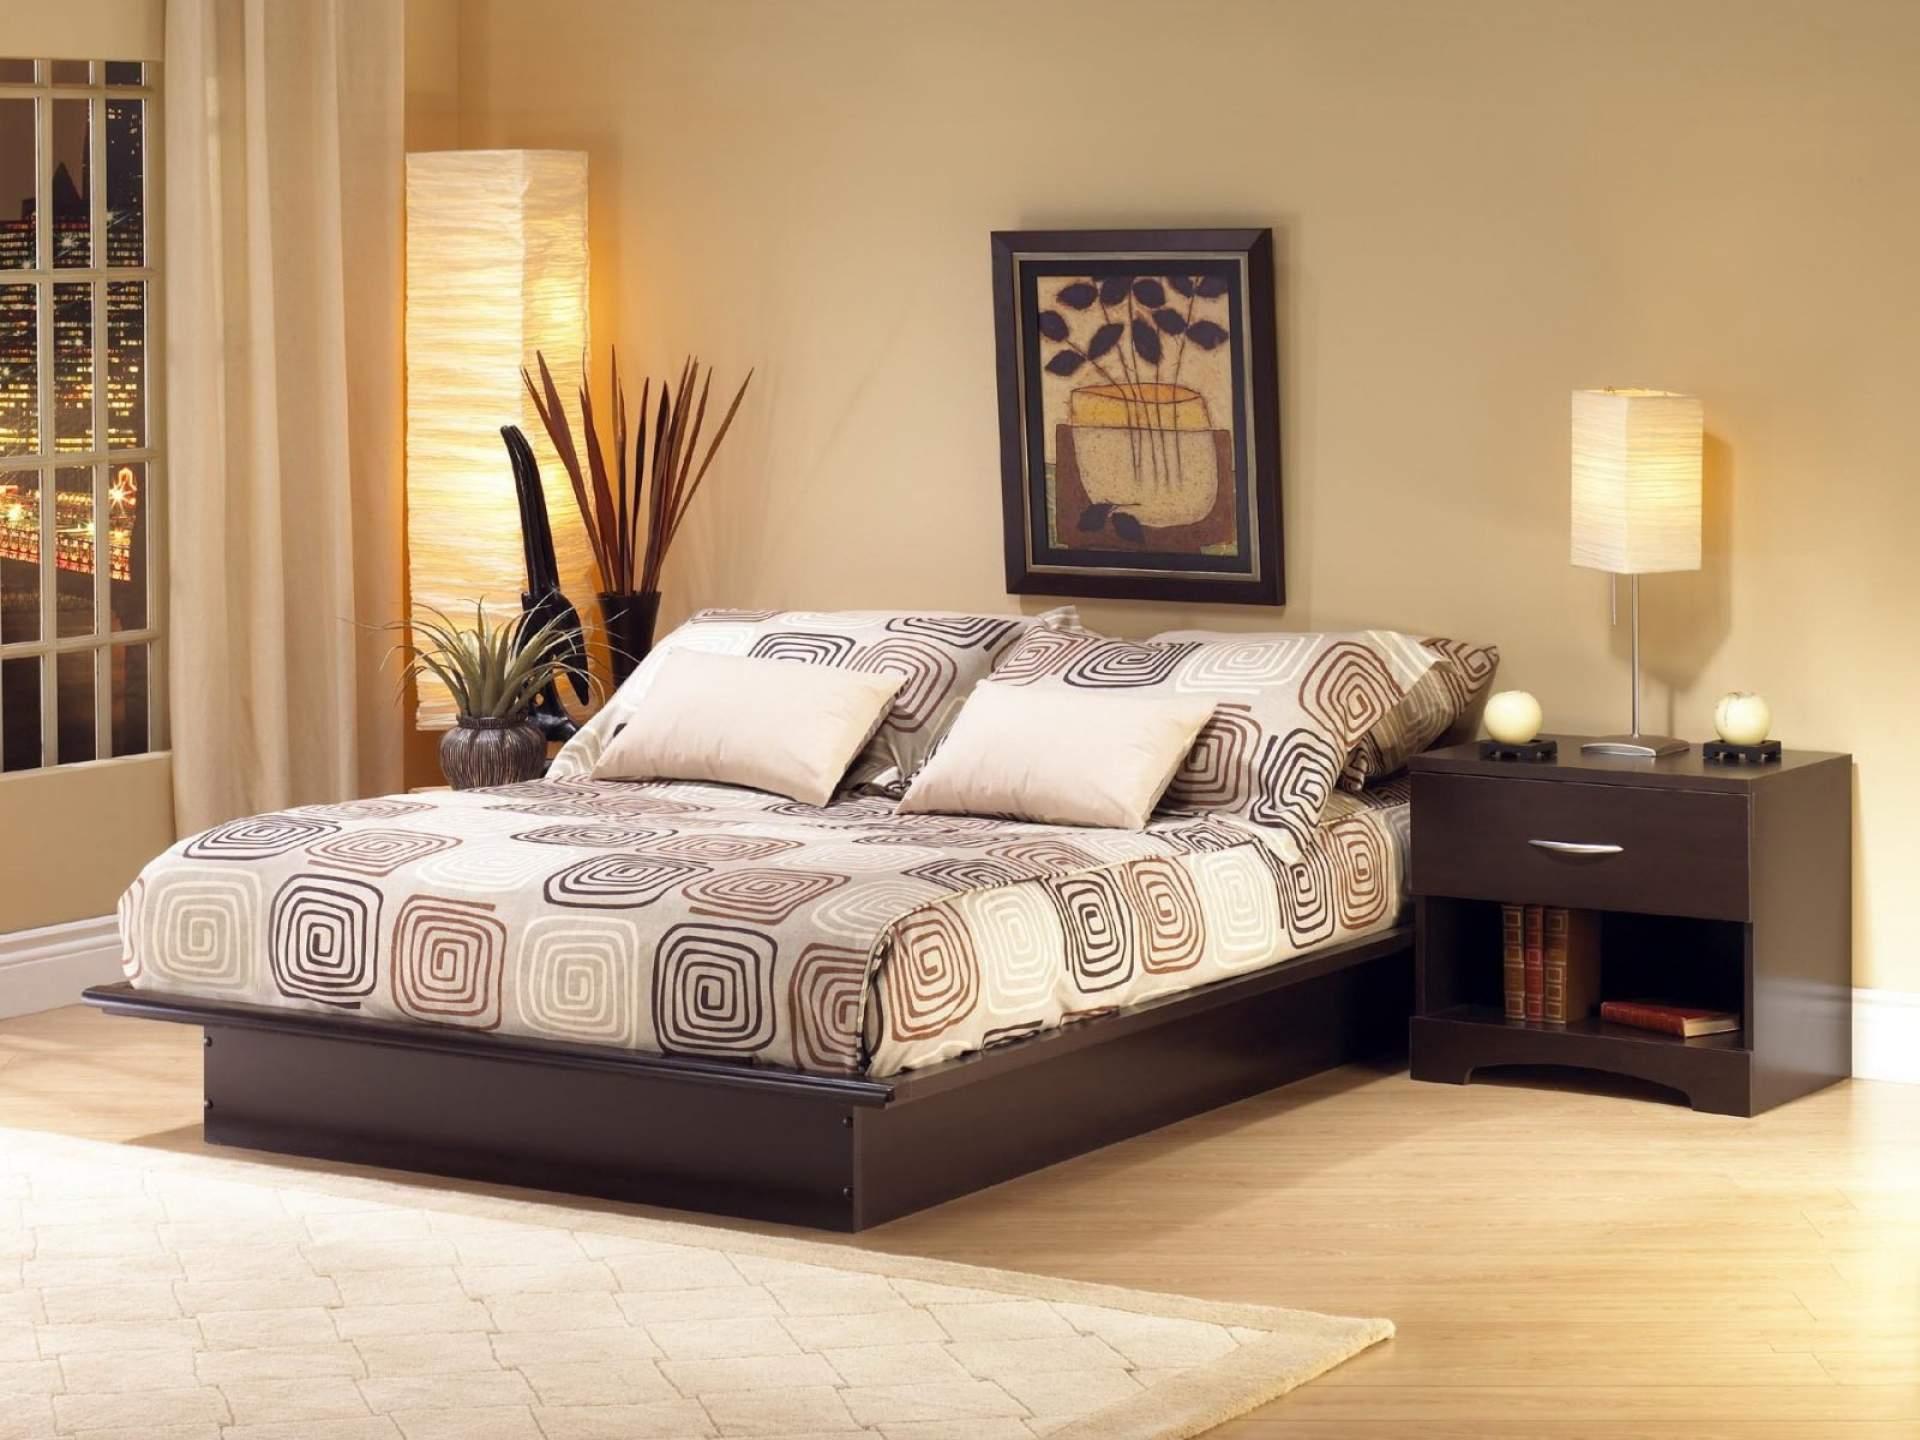 Mẫu giường ngủ gỗ hộp – TC14155